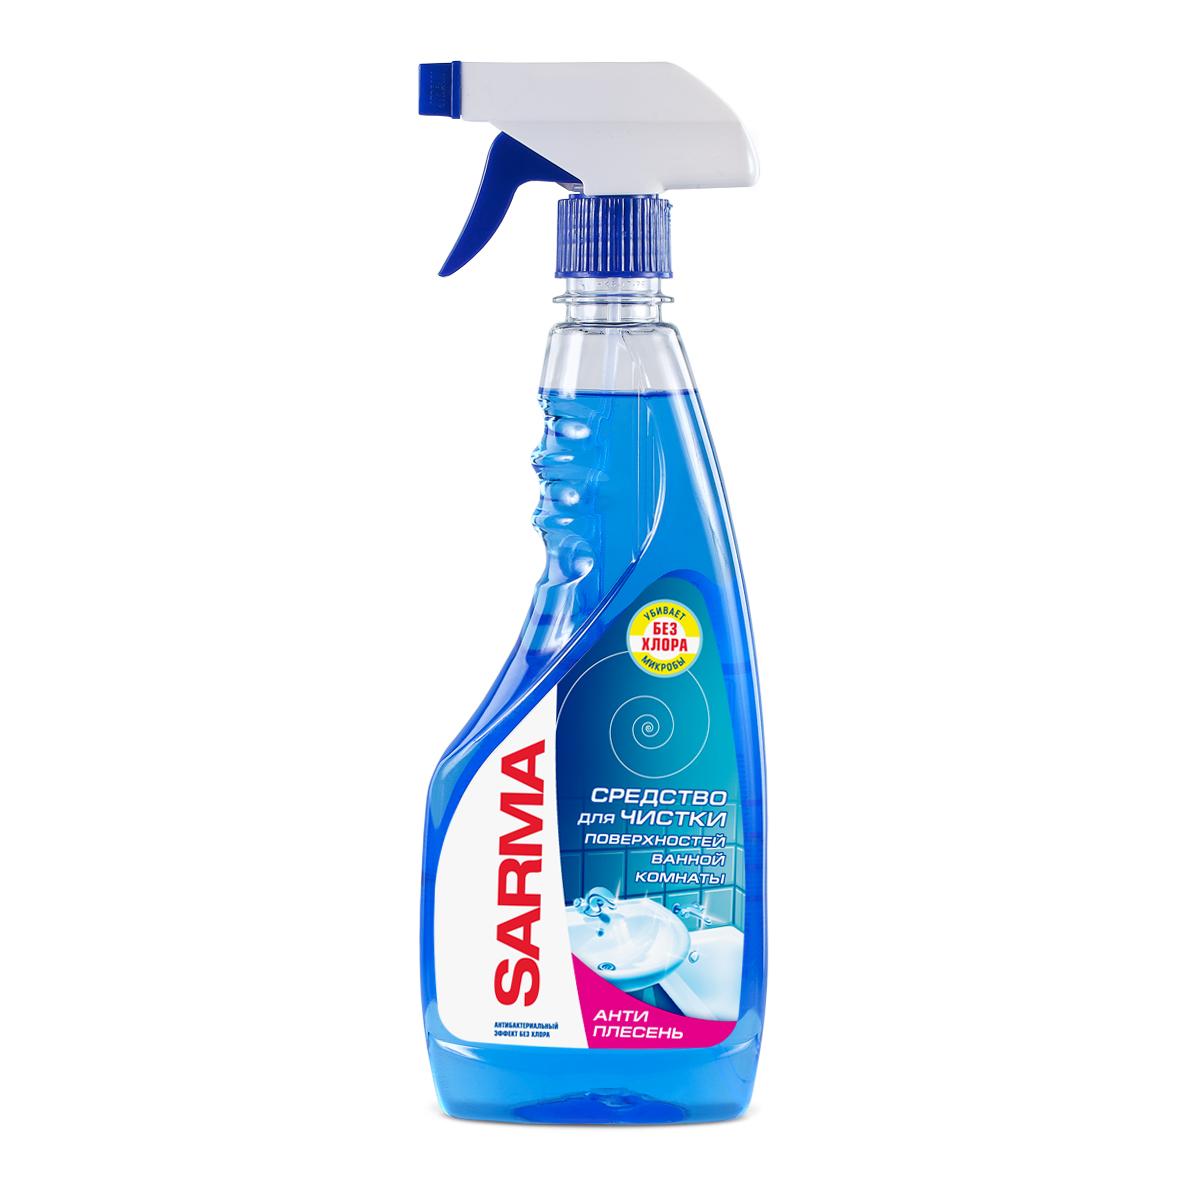 Средство чистящее Sarma, для поверхностей ванной, спрей, 500 мл09080Предназначено для мытья ванны, кафеля, раковины и унитаза. Можно использовать для чистки эмалированных, керамических, хромированных поверхностей, а также поверхностей из нержавеющей стали. Быстро и эффективно удаляет грязь, ржавчину, известковый налёт и придаёт блеск поверхностям. Товар сертифицирован. Как выбрать качественную бытовую химию, безопасную для природы и людей. Статья OZON Гид